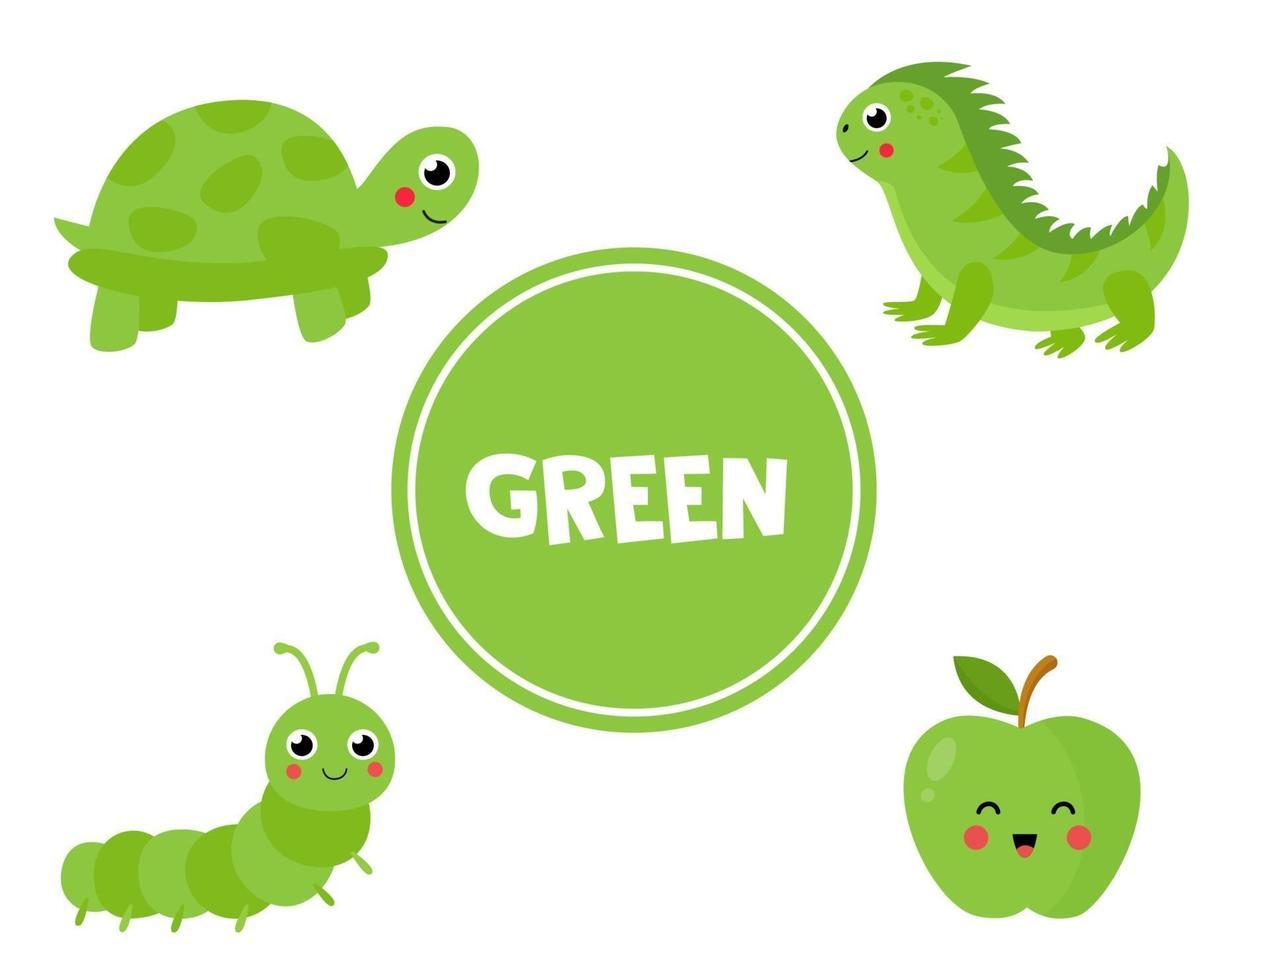 apprendre la couleur verte pour les enfants d'âge préscolaire. feuille de travail pédagogique. vecteur